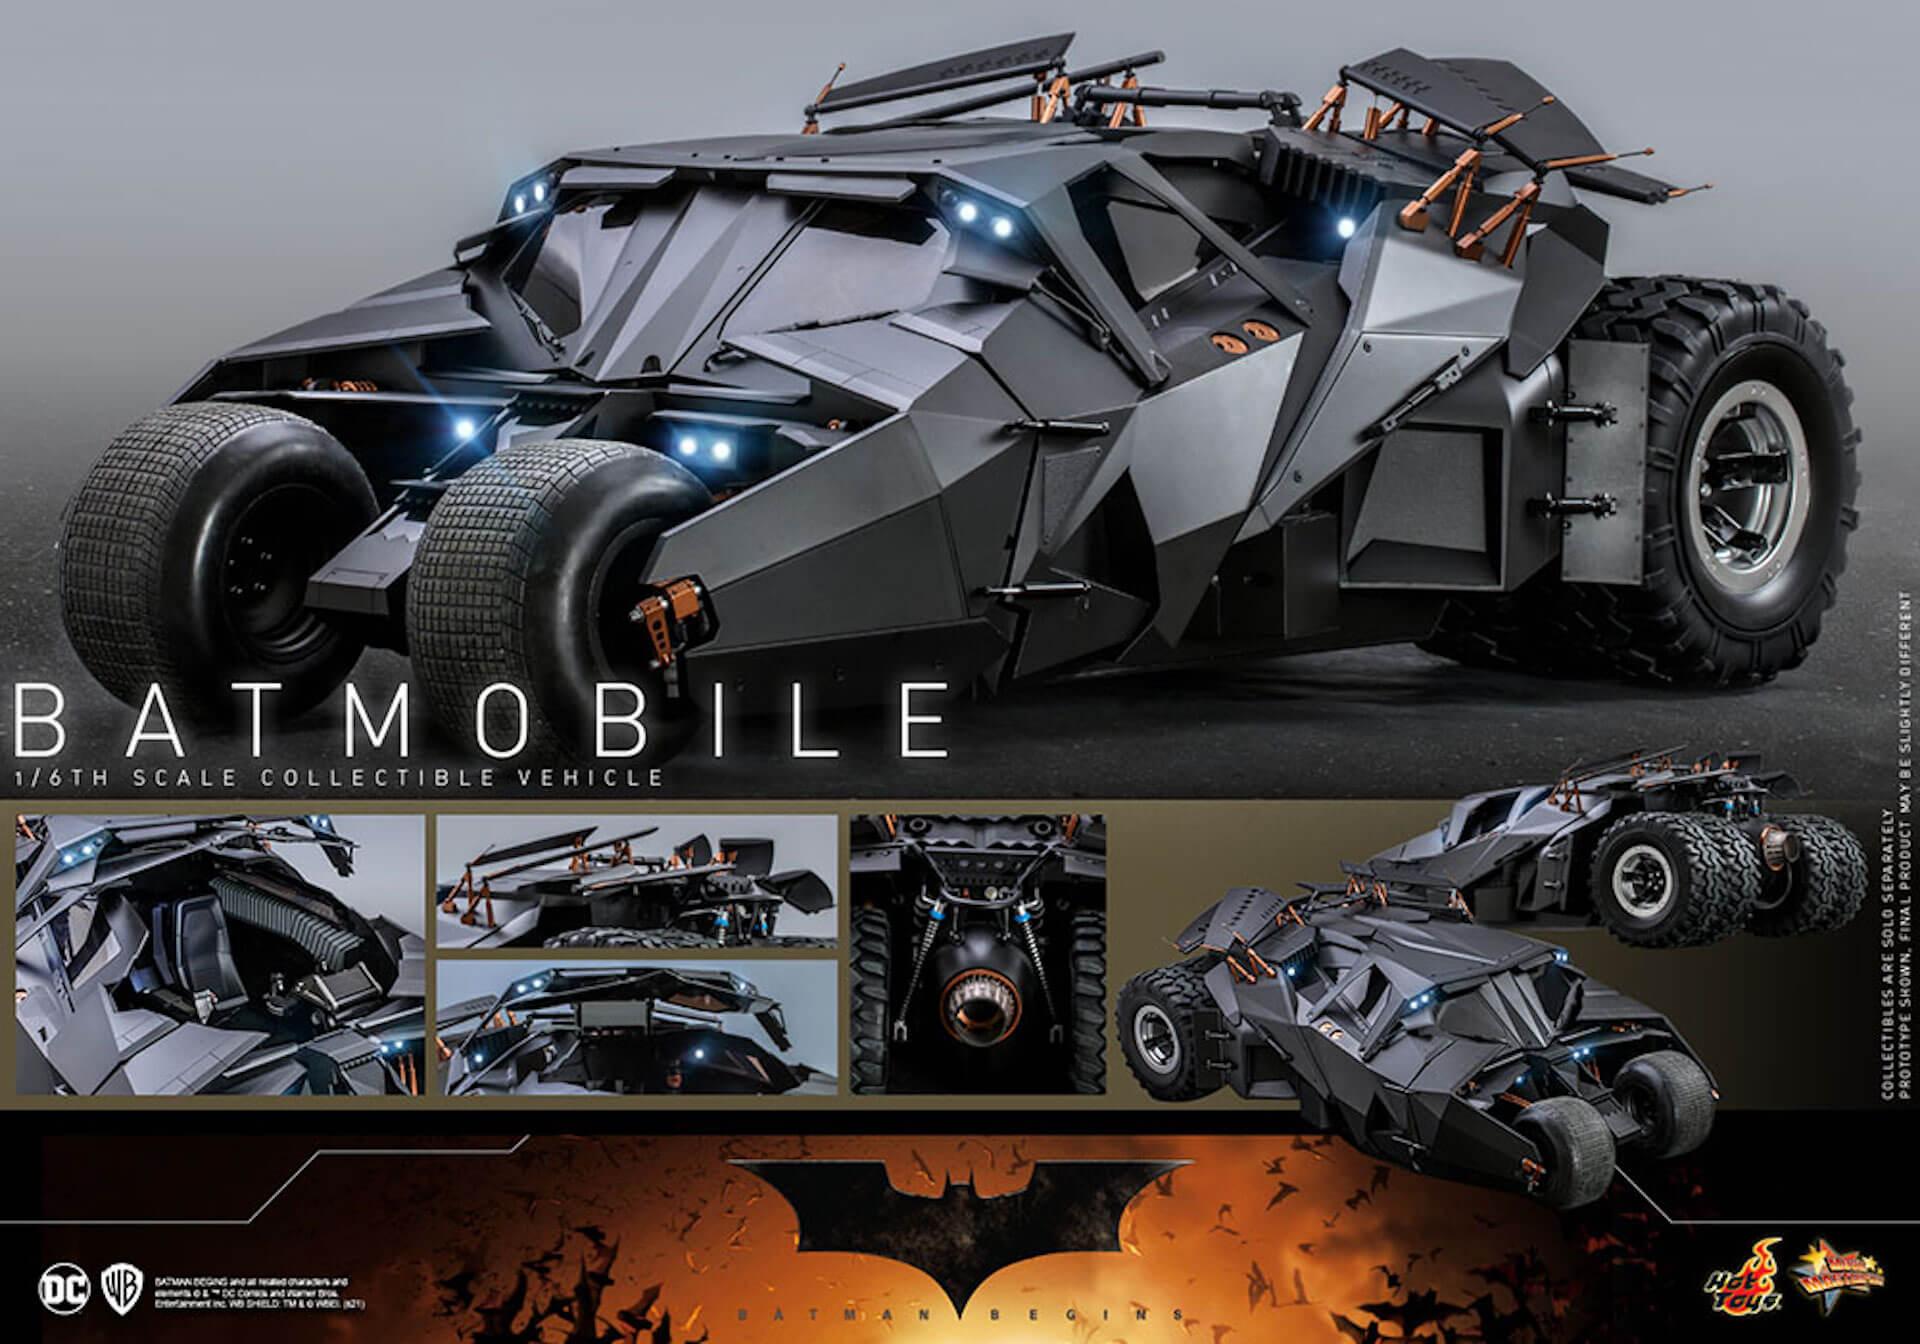 『バットマン ビギンズ』のバットマン&バットモービルが超精巧なフィギュアに!ホットトイズから発売決定 art210401_hottoys_batmanbegins_7